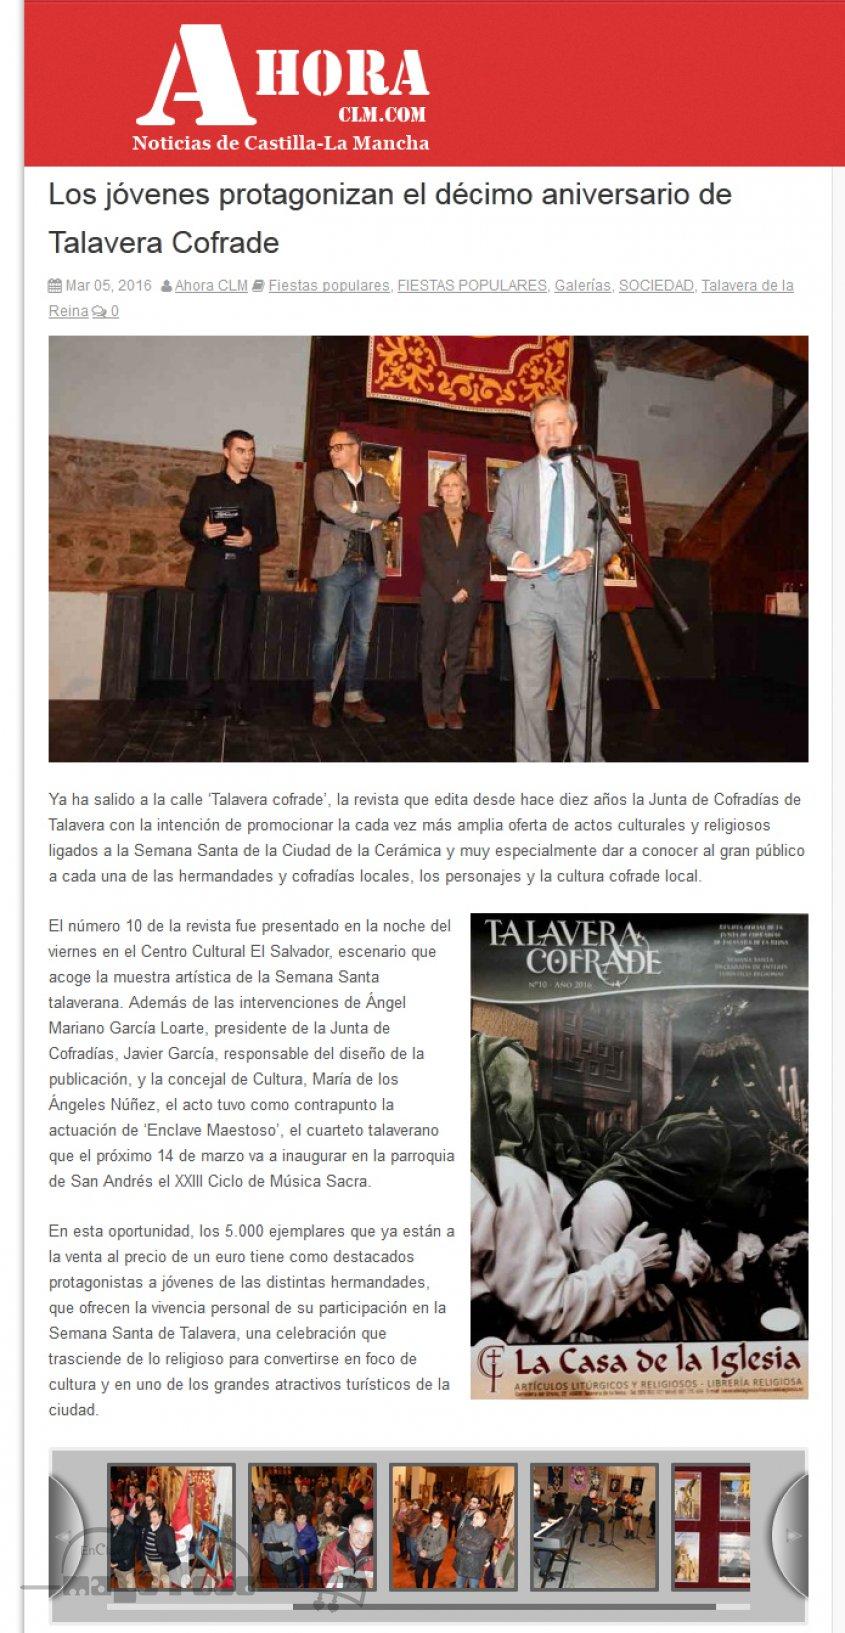 Los jóvenes protagonizan el décimo aniversario de Talavera Cofrade